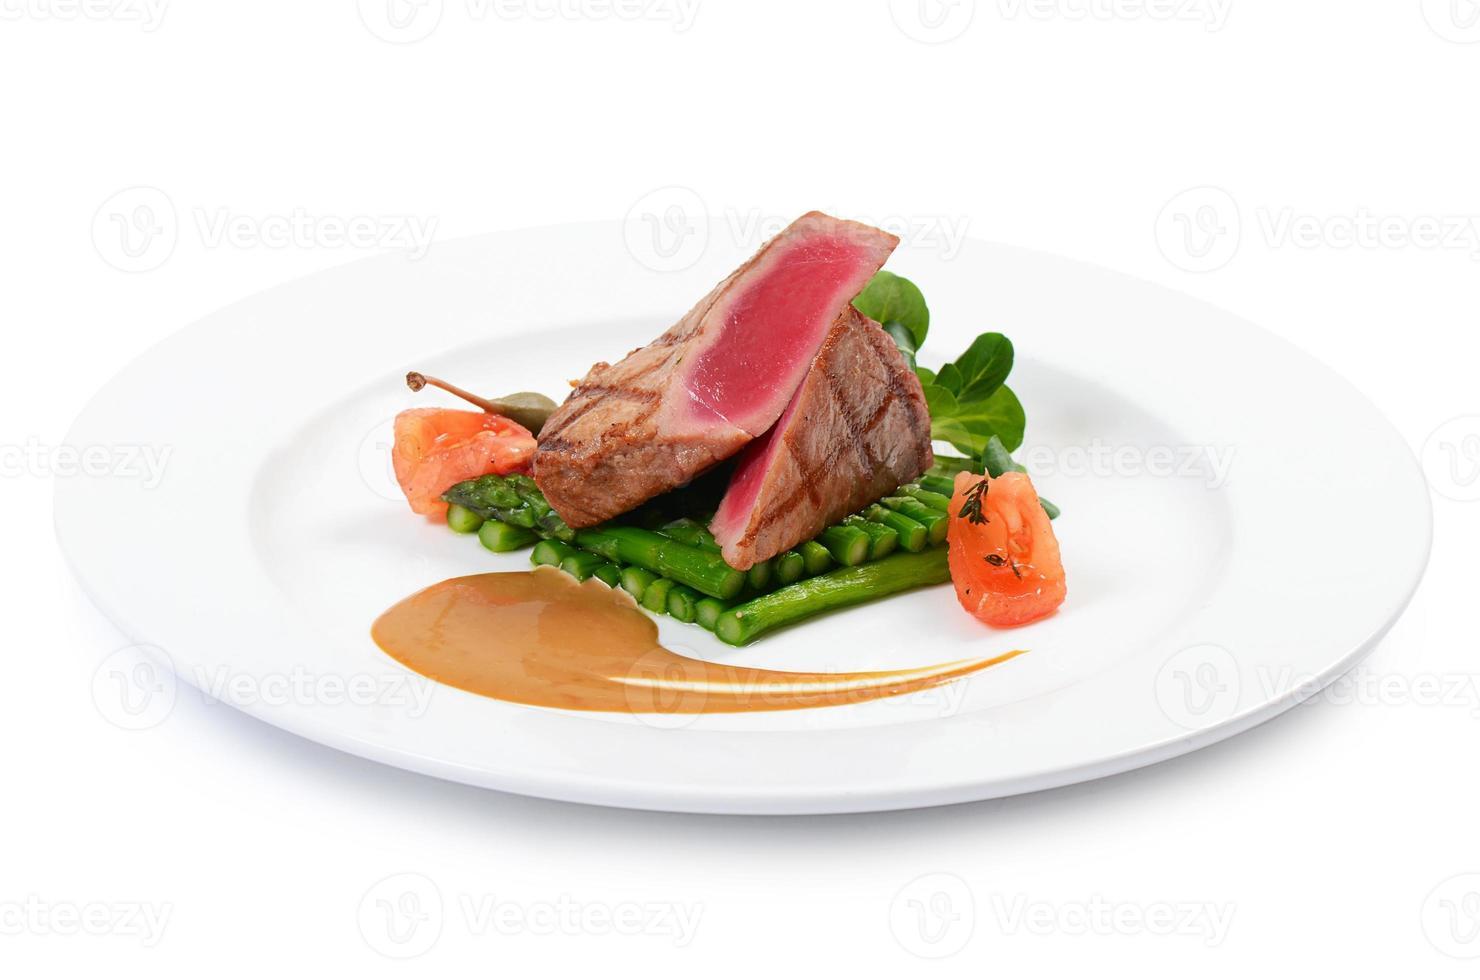 Tuna a grill with an asparagus photo